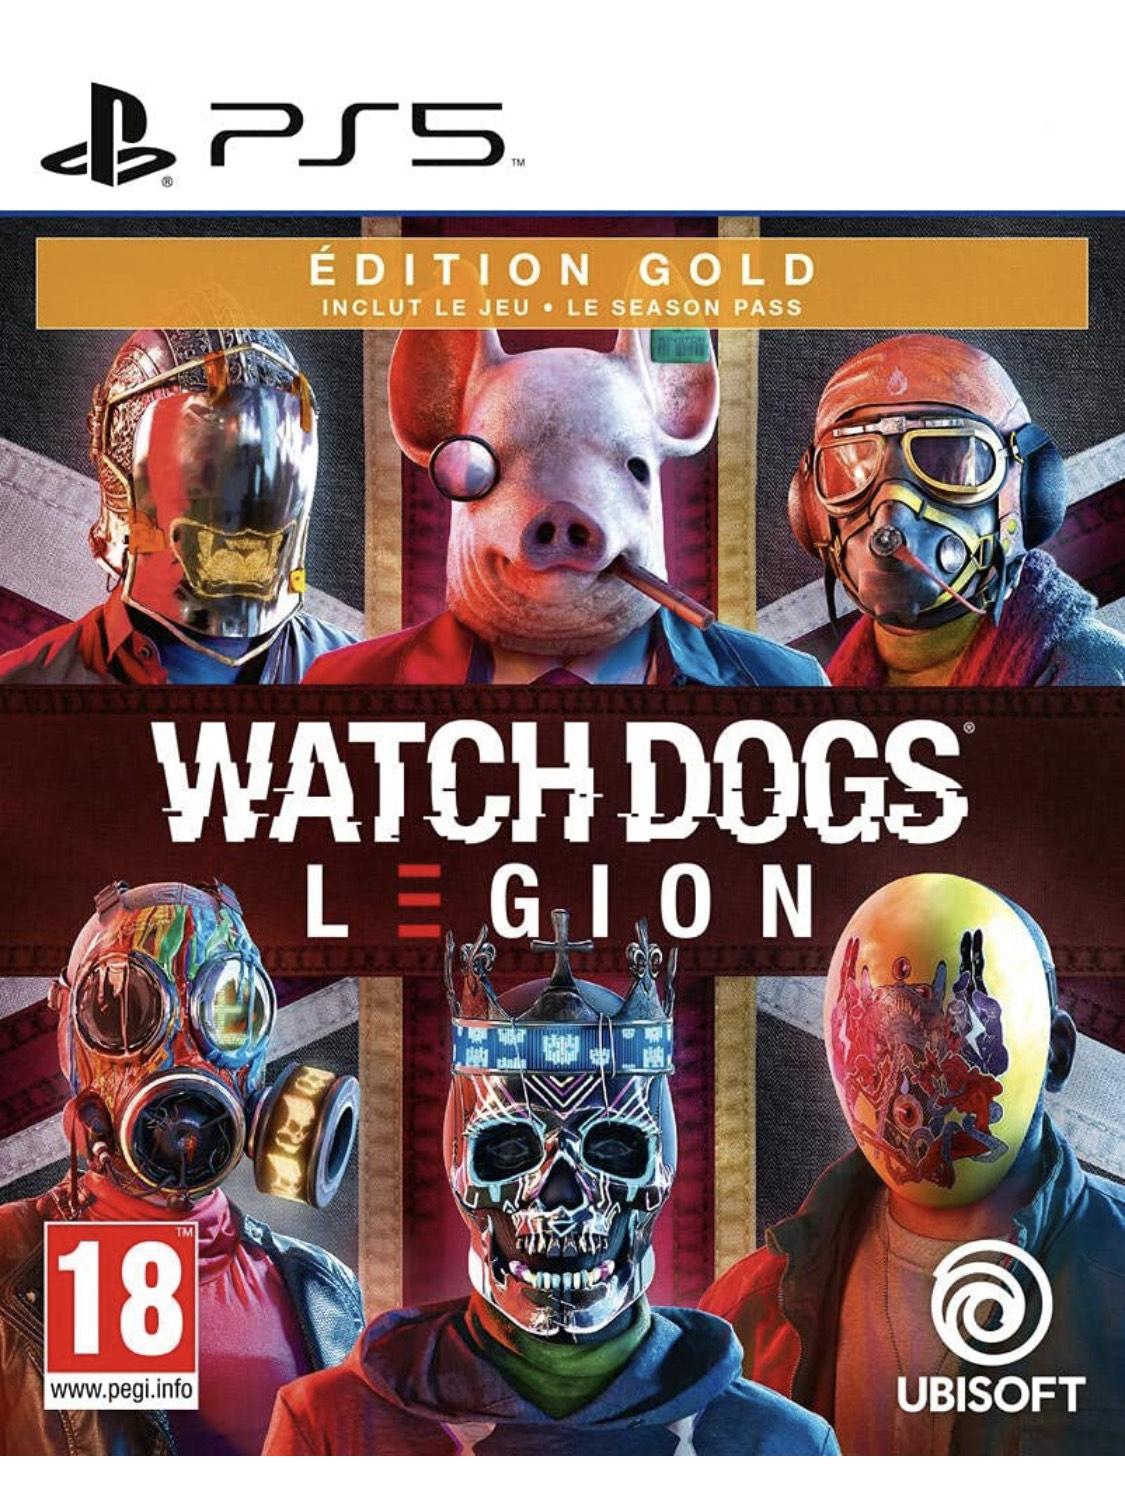 Watch Dogs Legion Édition Gold sur PS5